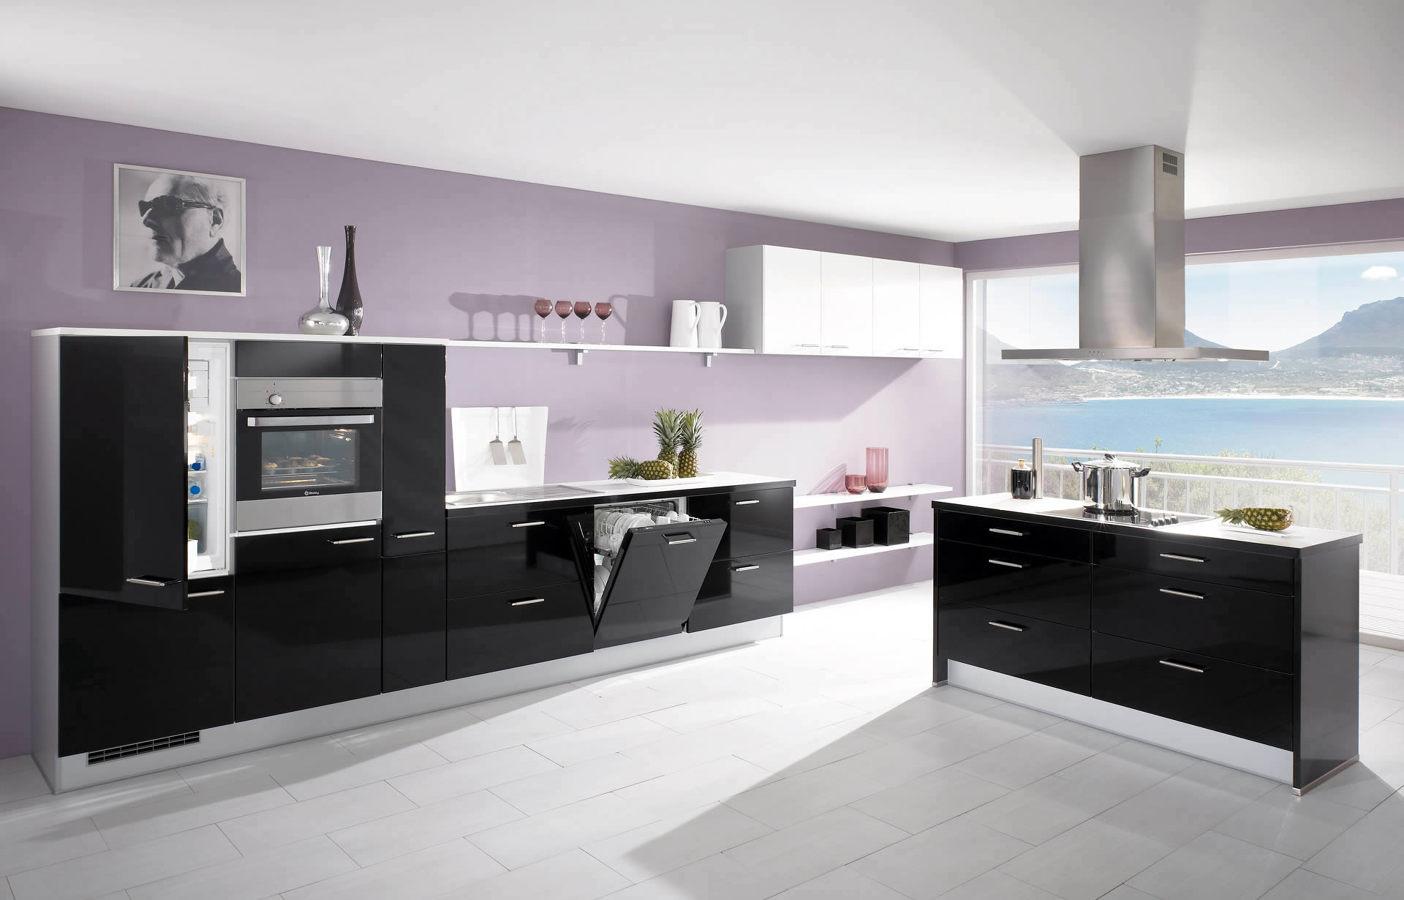 Descuento 10 de descuento en cocinas ofertas carpinteros for Ofertas cocinas completas